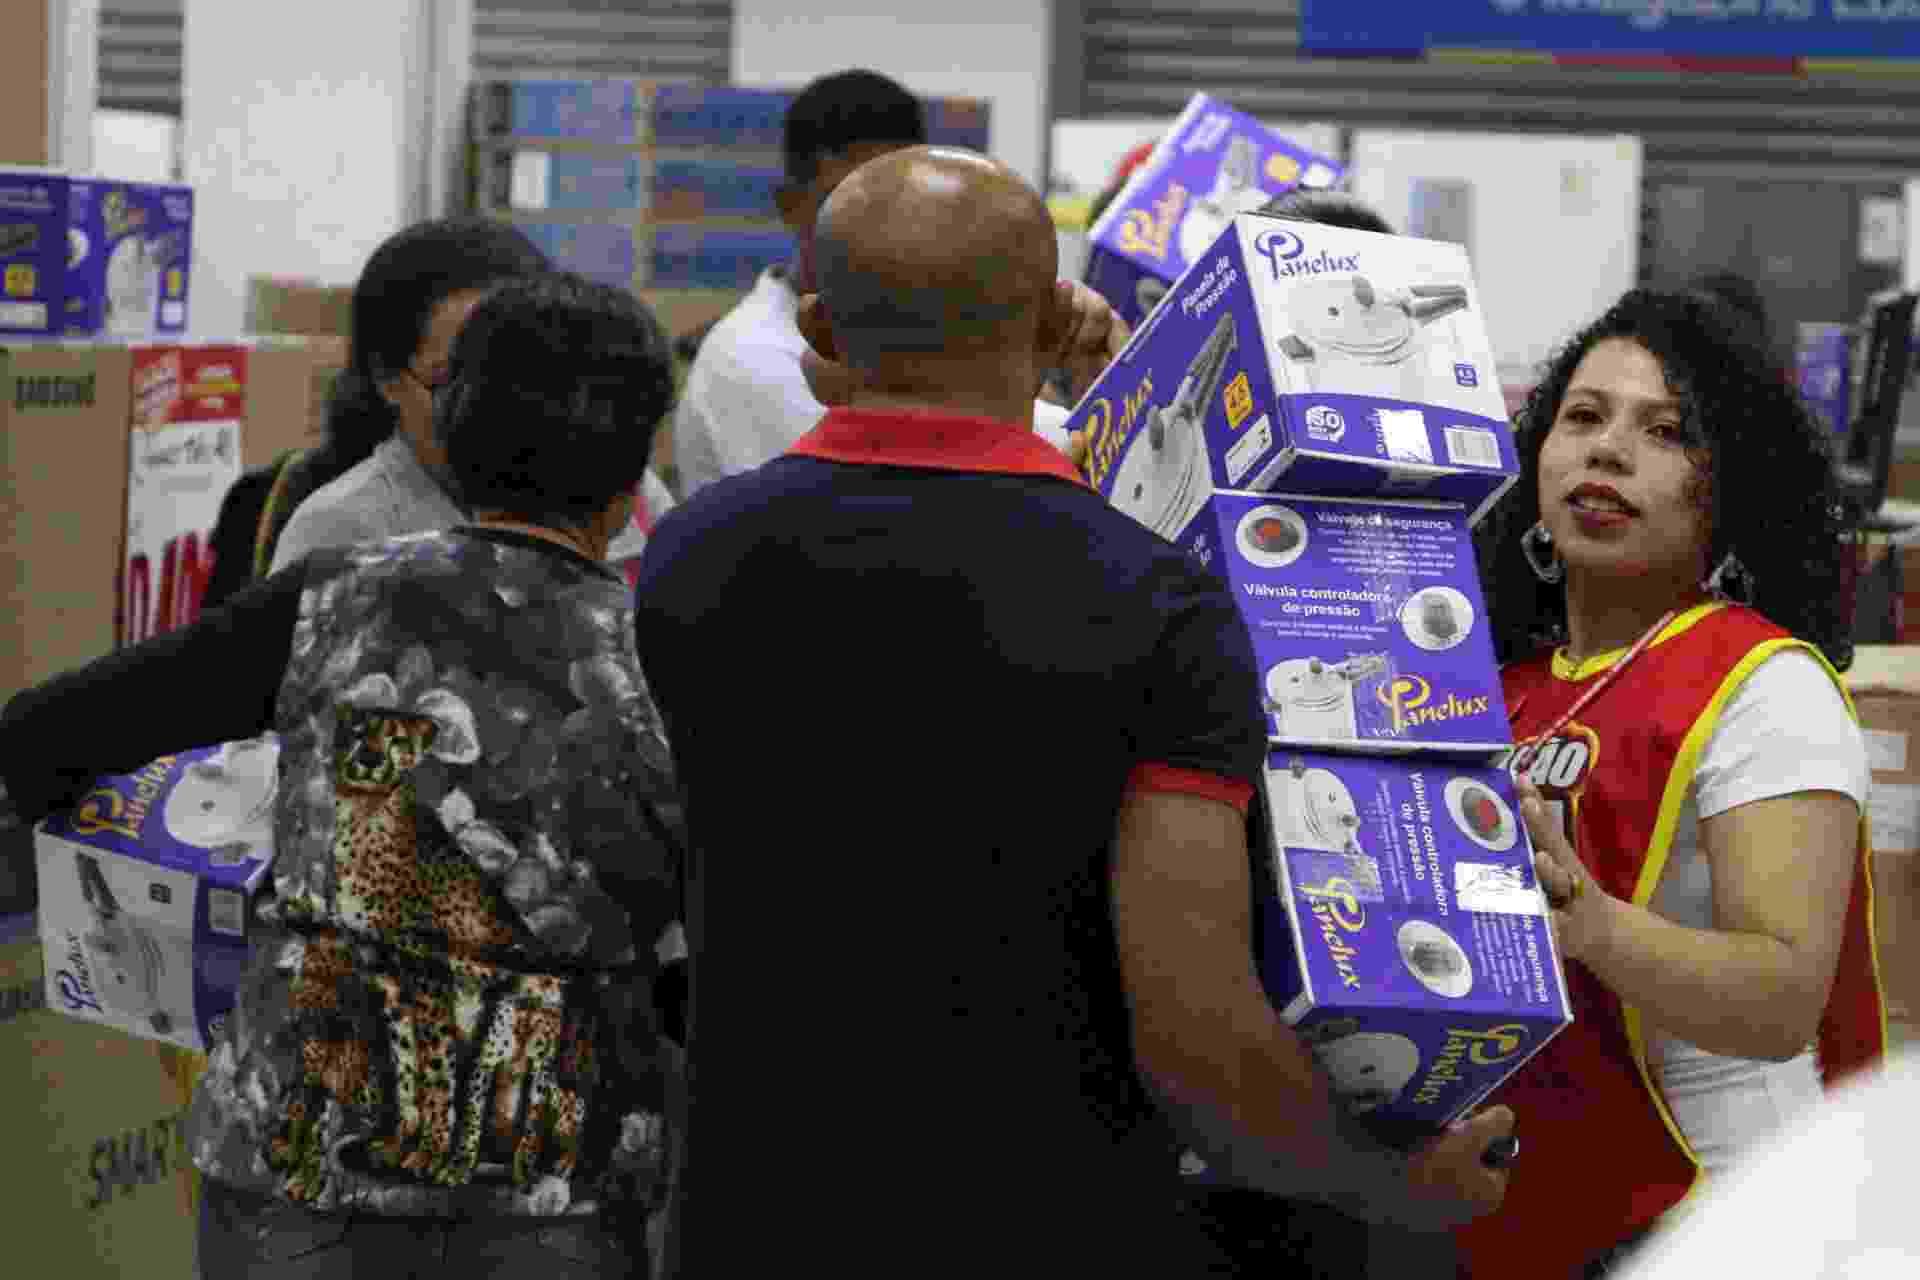 Ação da rede de departamentos Magazine Luiza acontece simultaneamente nas 791 lojas da rede, em 16 Estados do pais, e promete descontos que podem chegar a 70%. Em Campinas, interior de São Paulo, houve uma grande fila e os consumidores realizam as compras. O PROCON também esteve acompanhando as vendas - Luciano Claudino/Estadão Conteúdo